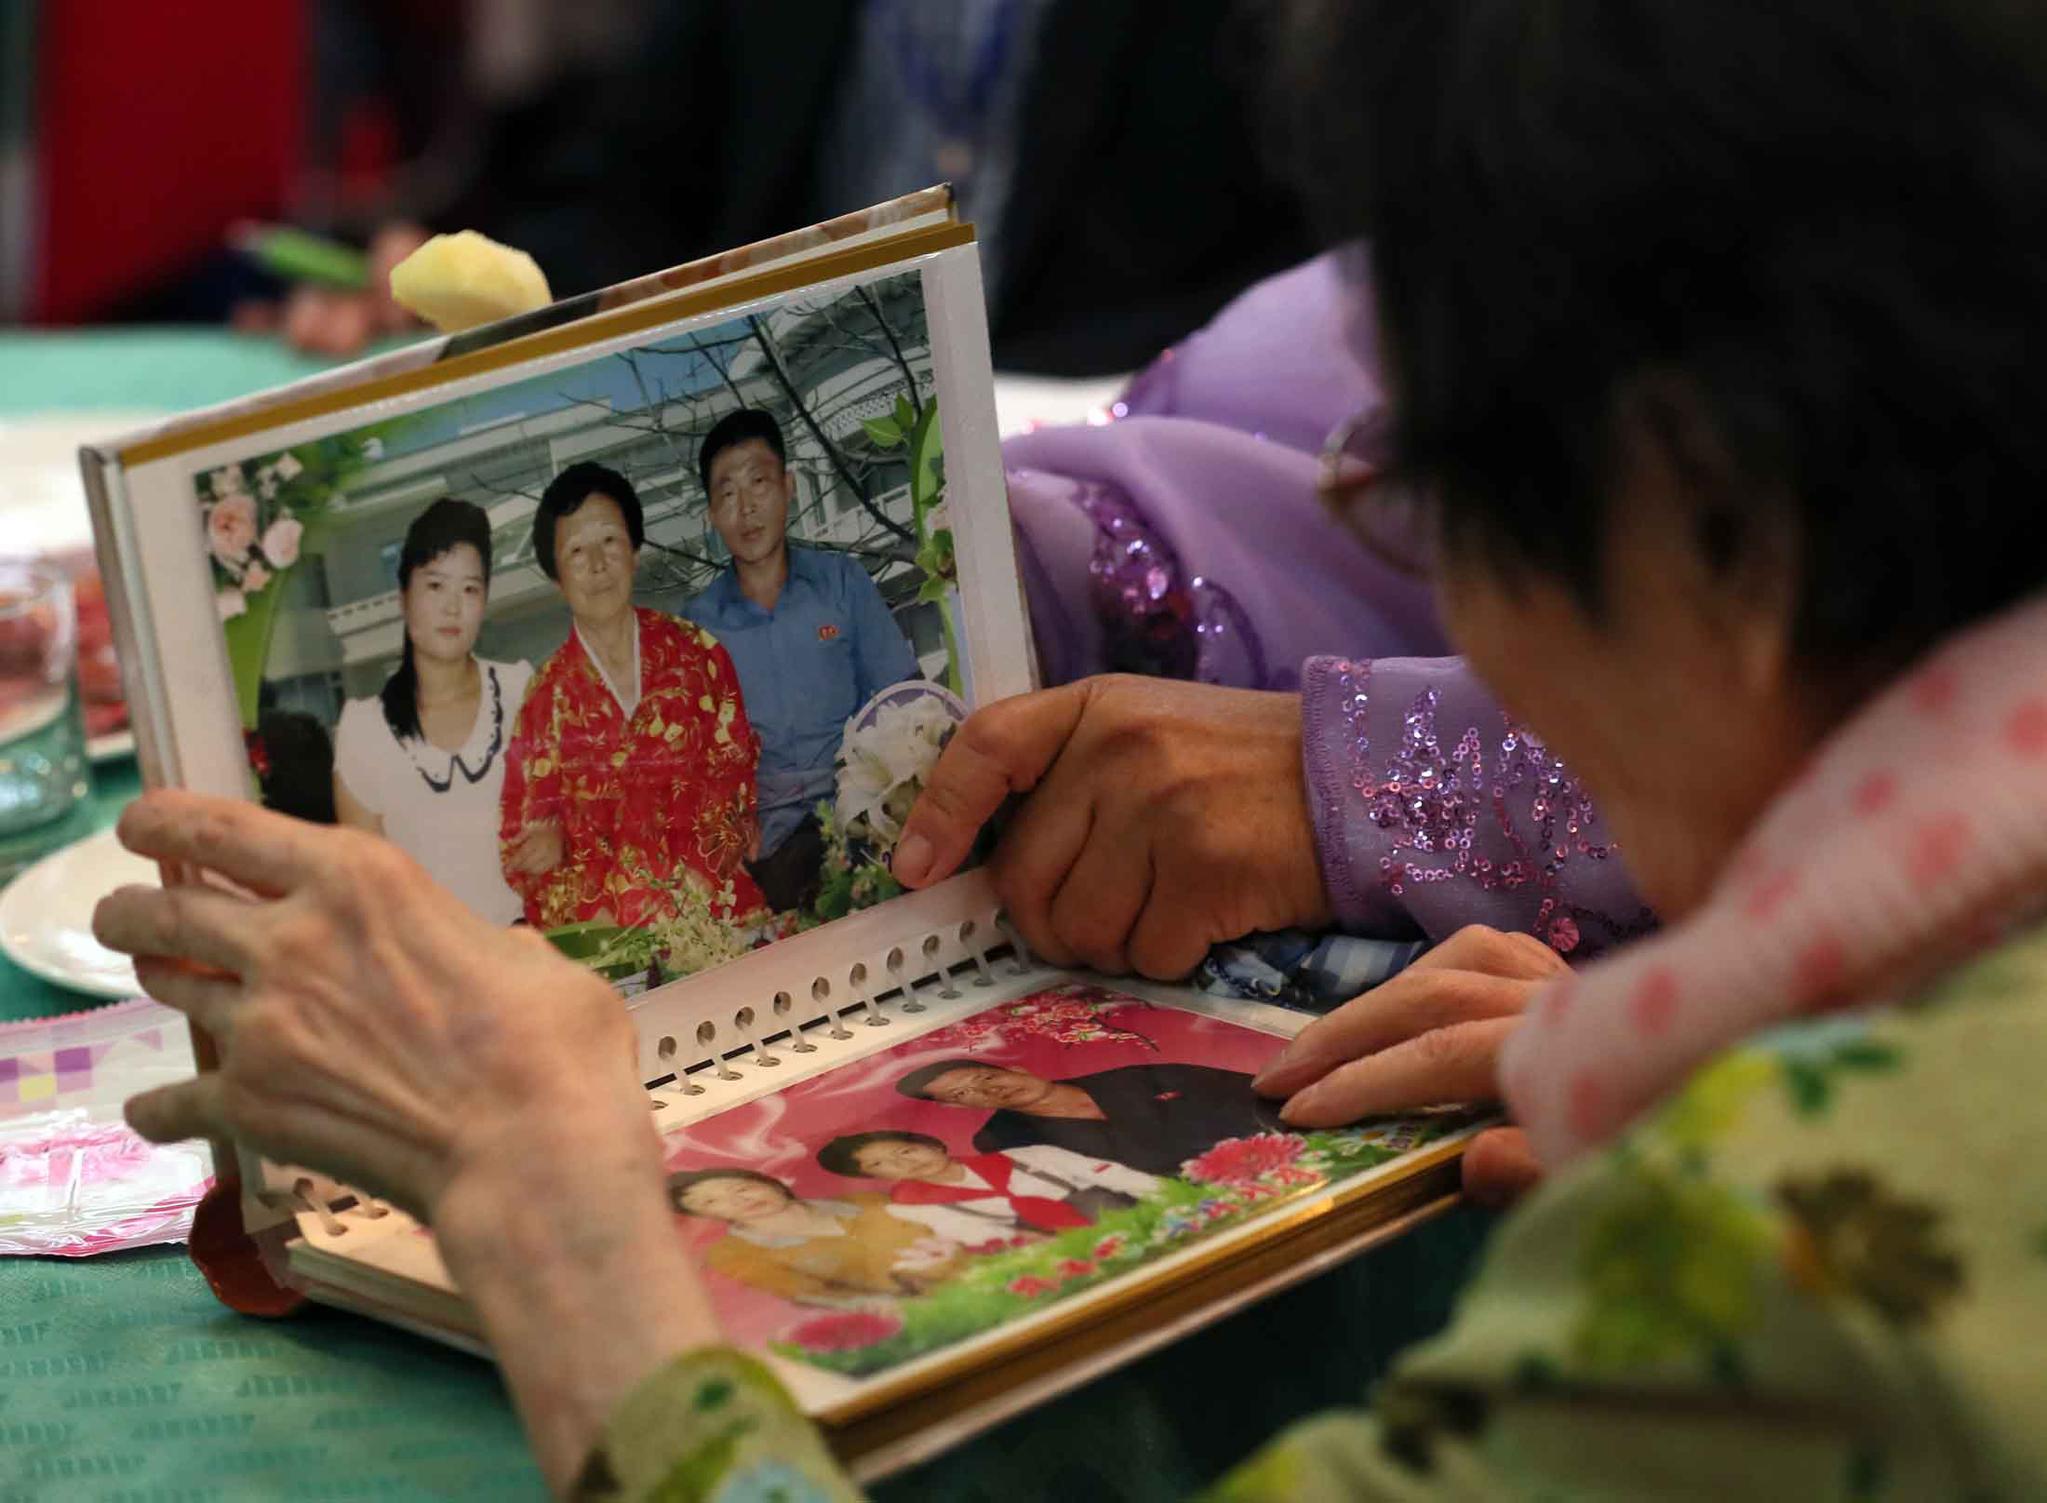 제21차 이산가족 상봉행사 1회차 첫날인 20일 오후 금강산호텔에서 열린 단체상봉에서 한신자(99)할머니가 북측의 딸들 김경실(72), 김경영(71)의 사진을 살펴보고 있다. [뉴스통신취재단]